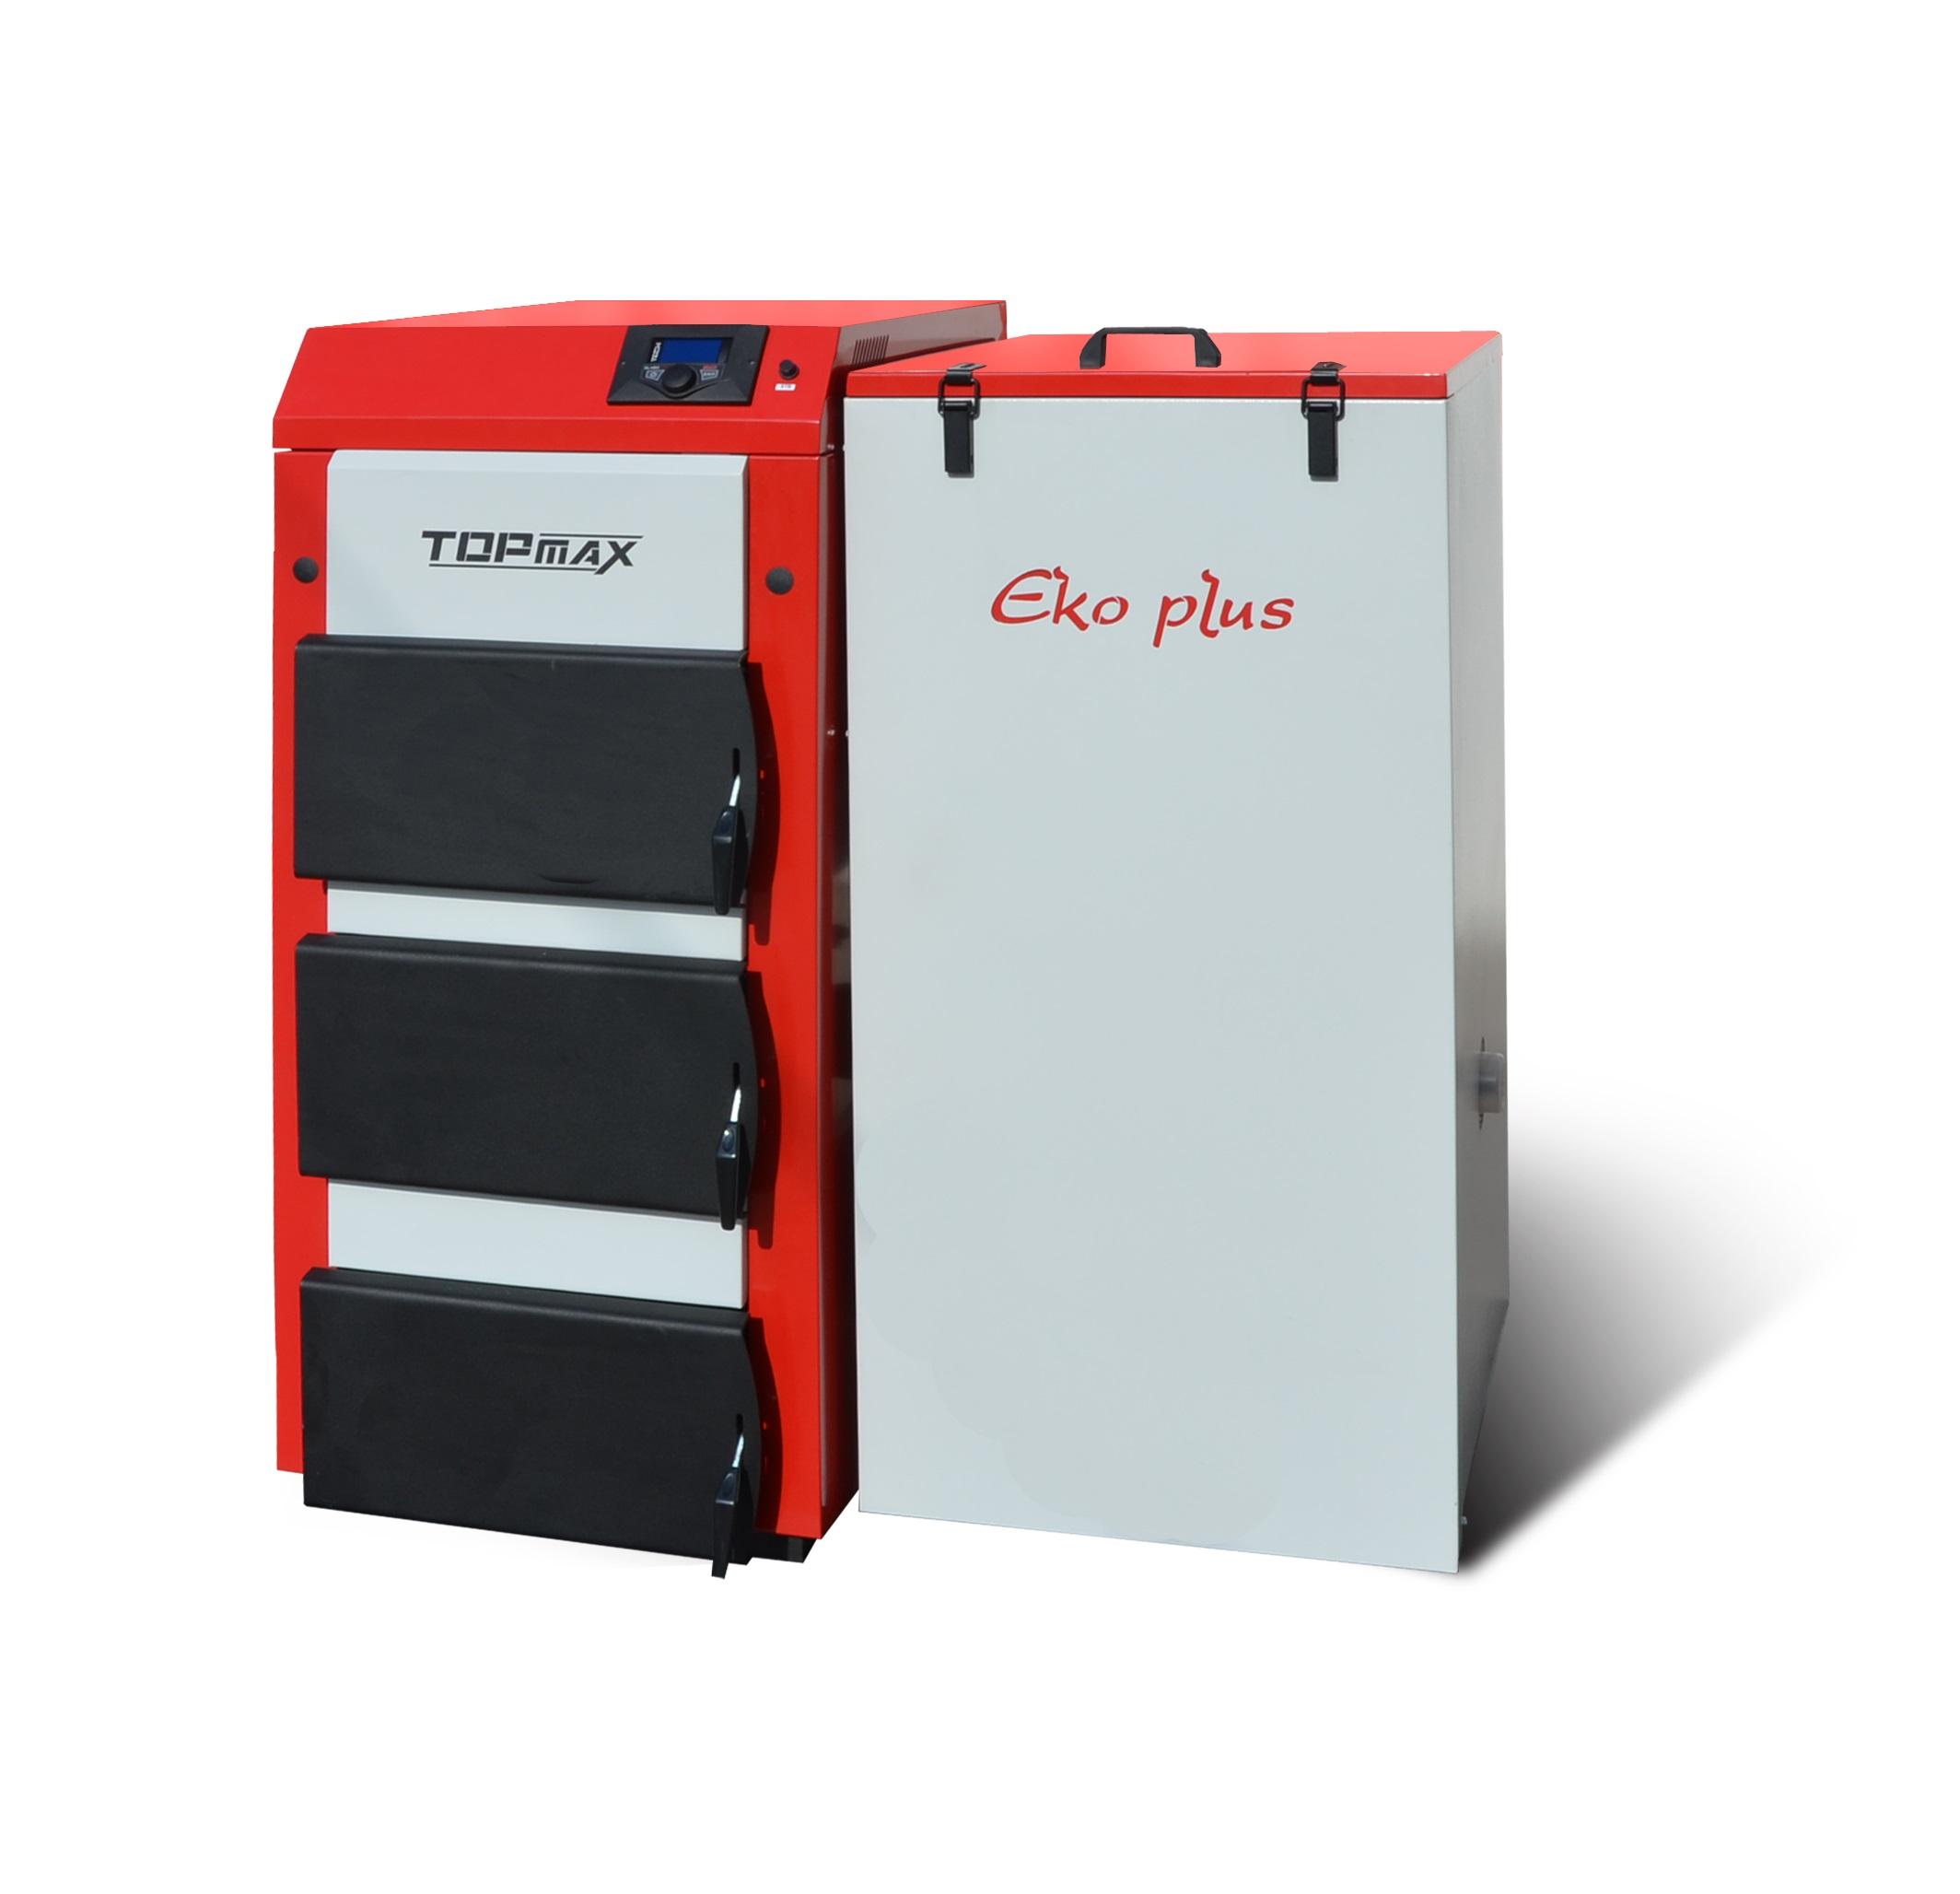 TOPmax Top-EKO multi 25 Automatický kotel na uhlí a pelety, pravý TOP420-25-101/P